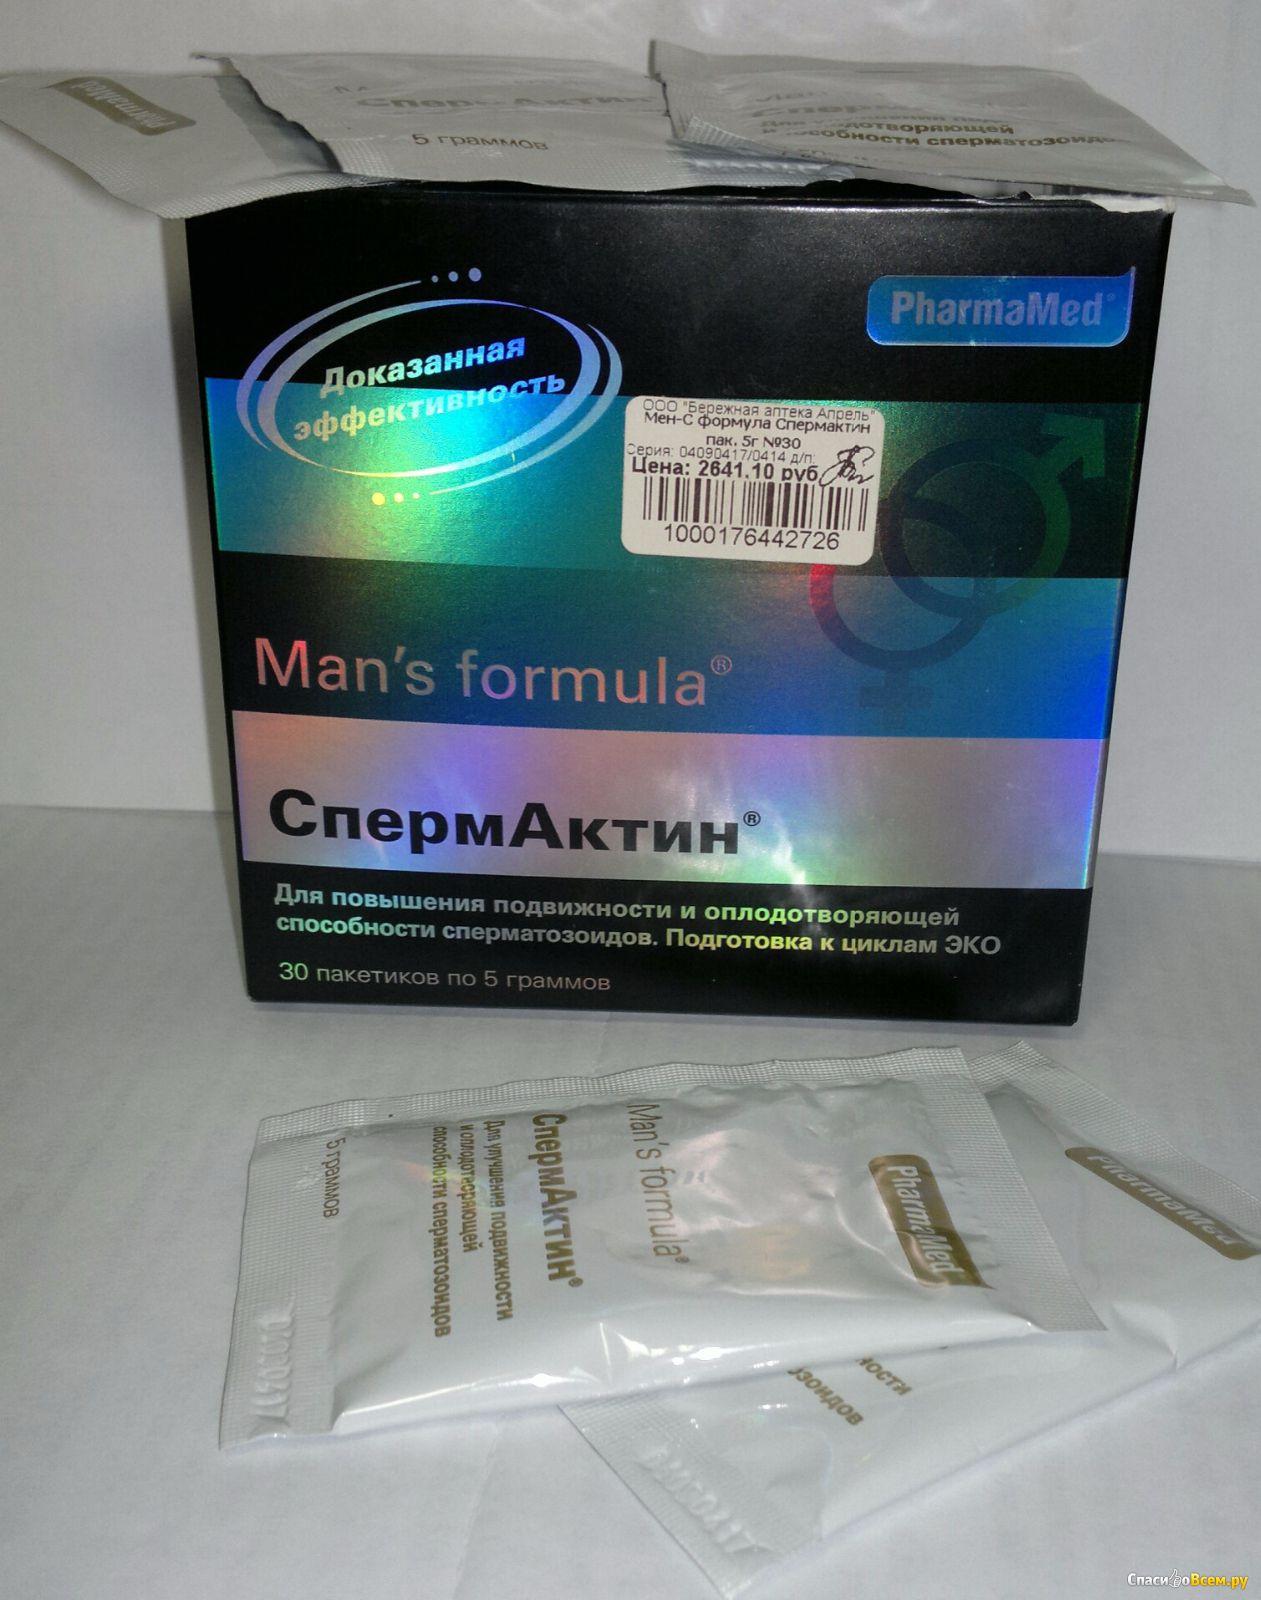 povisit-podvizhnost-spermatozoidov-sredstva